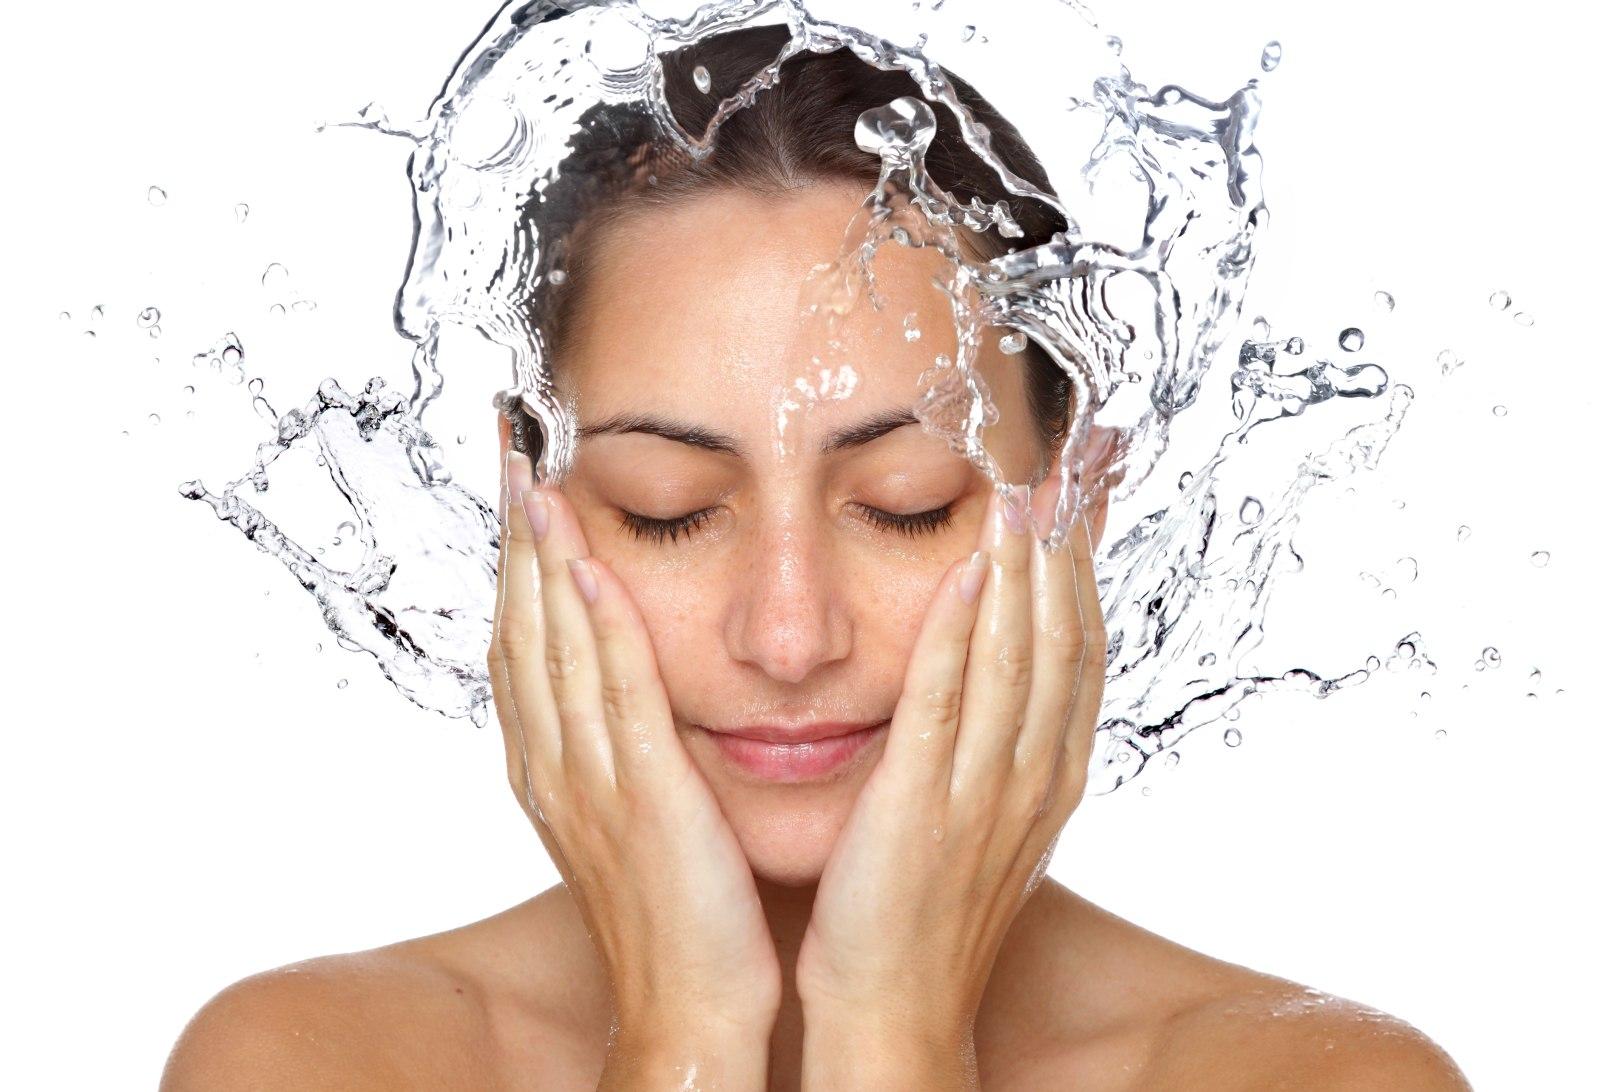 Pielęgnacja skóry - oczyszczenie twarzy